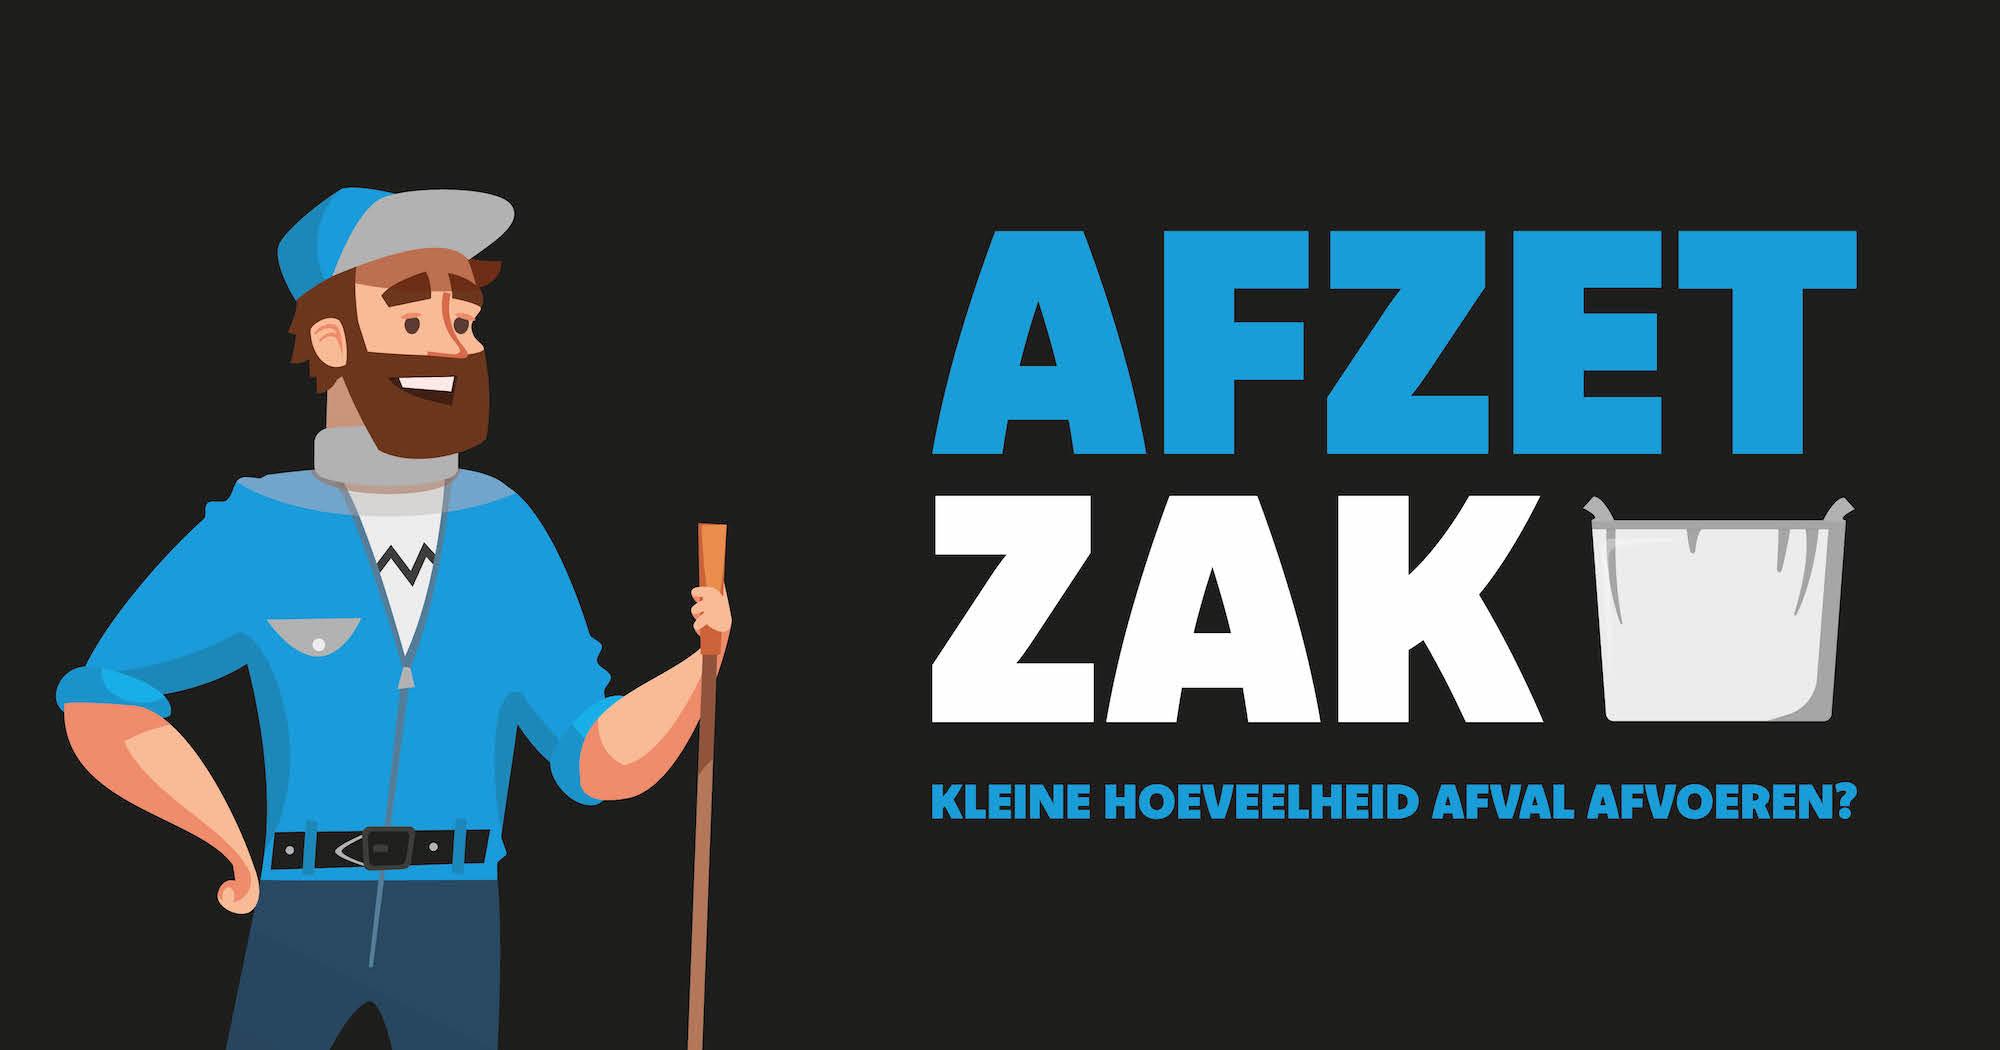 Afzetzak - Afzetbak.nl